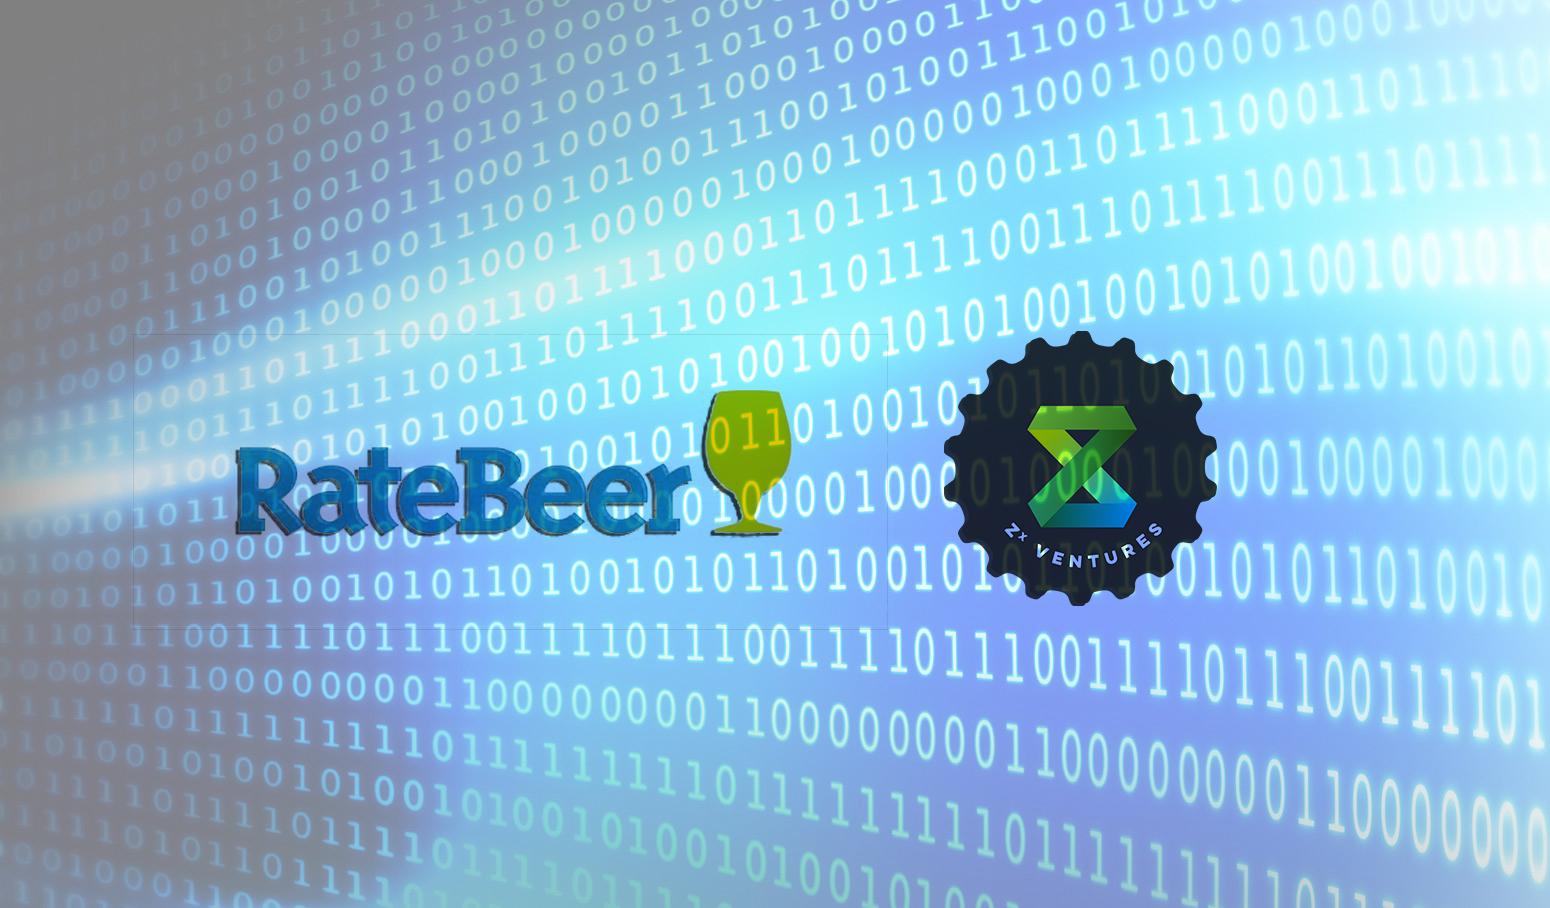 rate-beer-zx.jpg